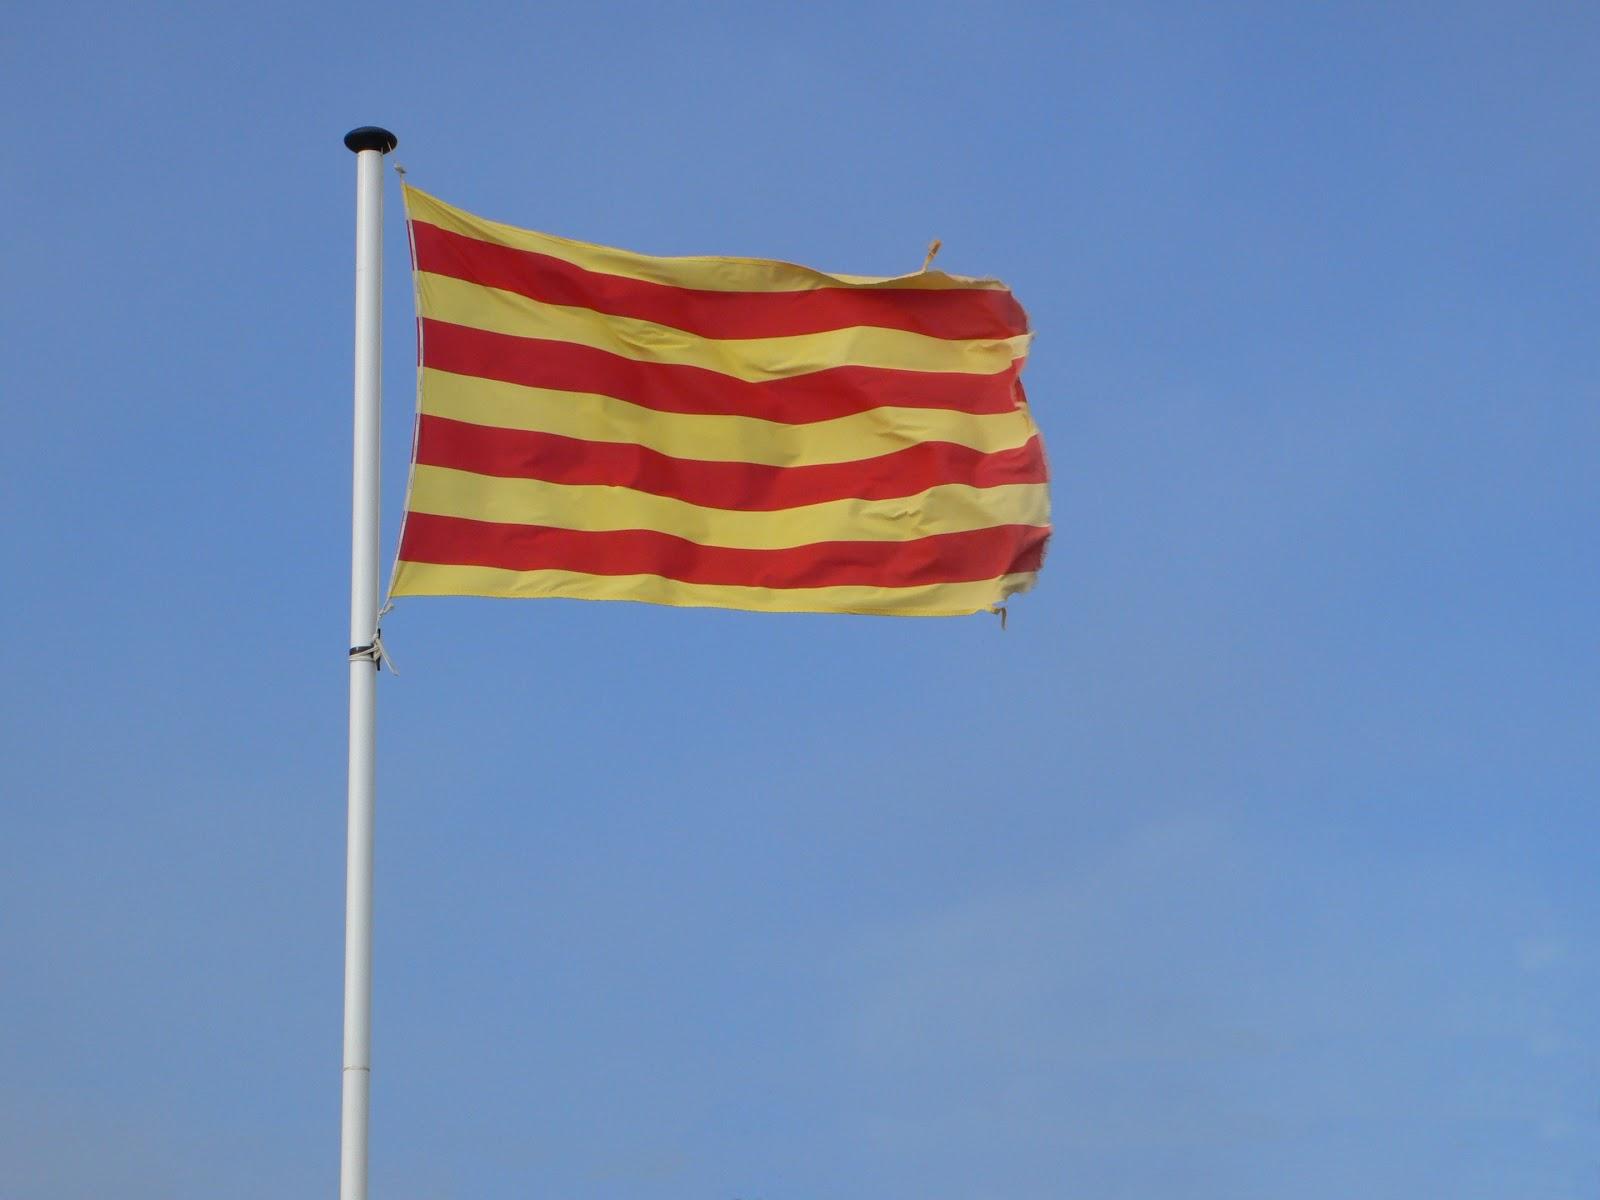 http://1.bp.blogspot.com/-pRNV733x4Aw/T3r_gyGnslI/AAAAAAAAABA/_veV7JyPf4o/s1600/Catalunya+Flag.jpg